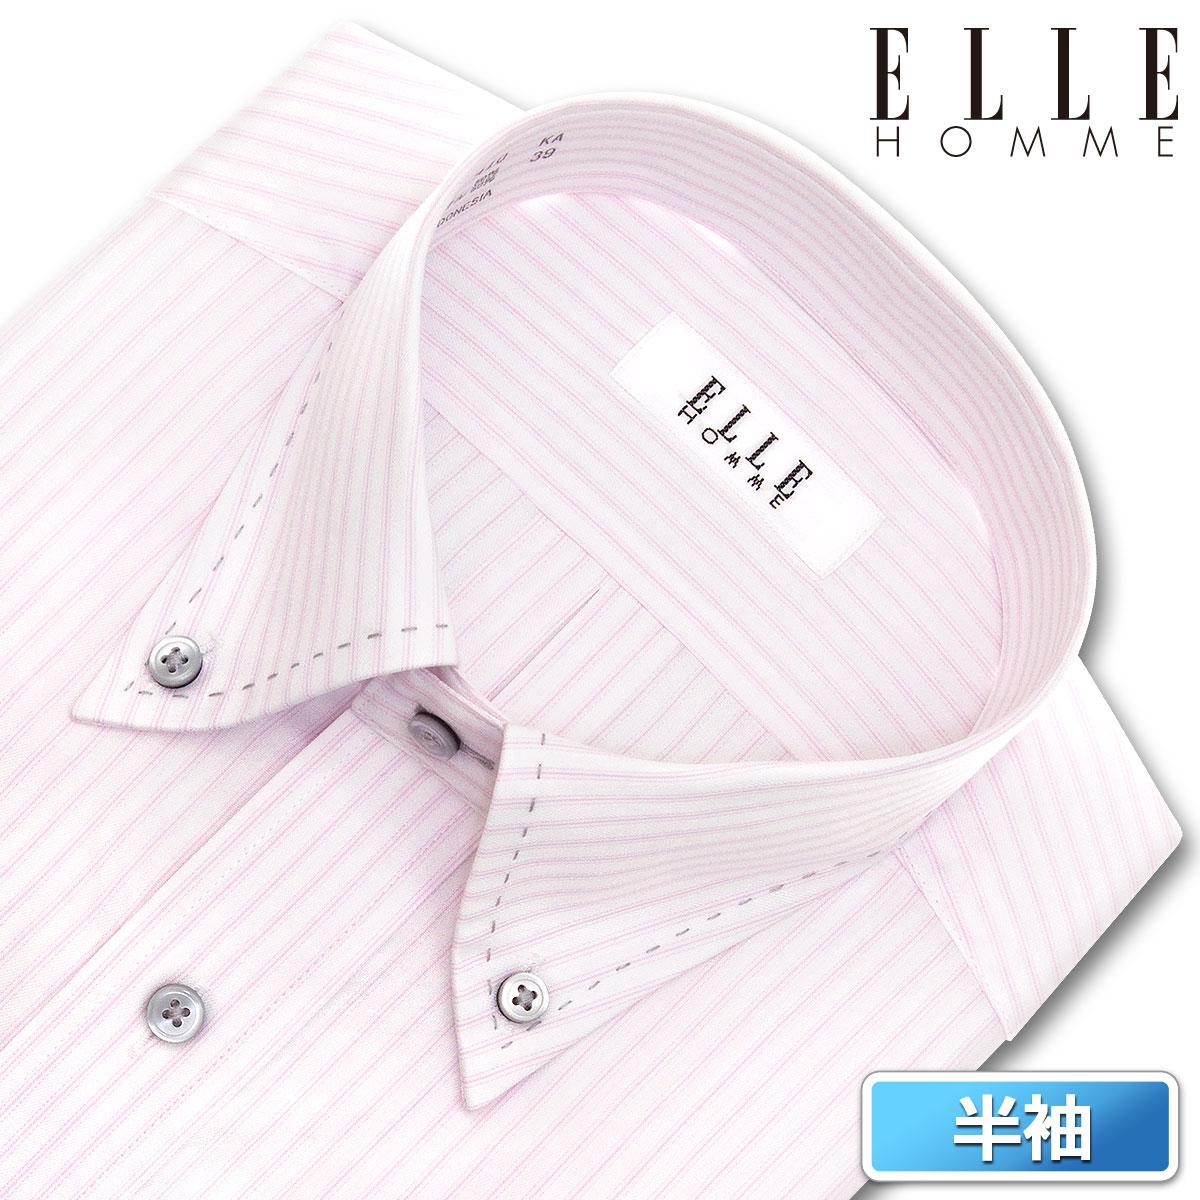 COOLBIZのためのクール素材 ライトクールデザイン ELLE HOMME 半袖 訳あり品送料無料 ワイシャツ 特別セール品 メンズ 春夏秋 形態安定加工 涼感素材 Yシャツ ドレスシャツ ピンクストライプ ビジネスシャツ 2106scs 2106ft ピンク 綿 ポリエステル ボタンダウンシャツ